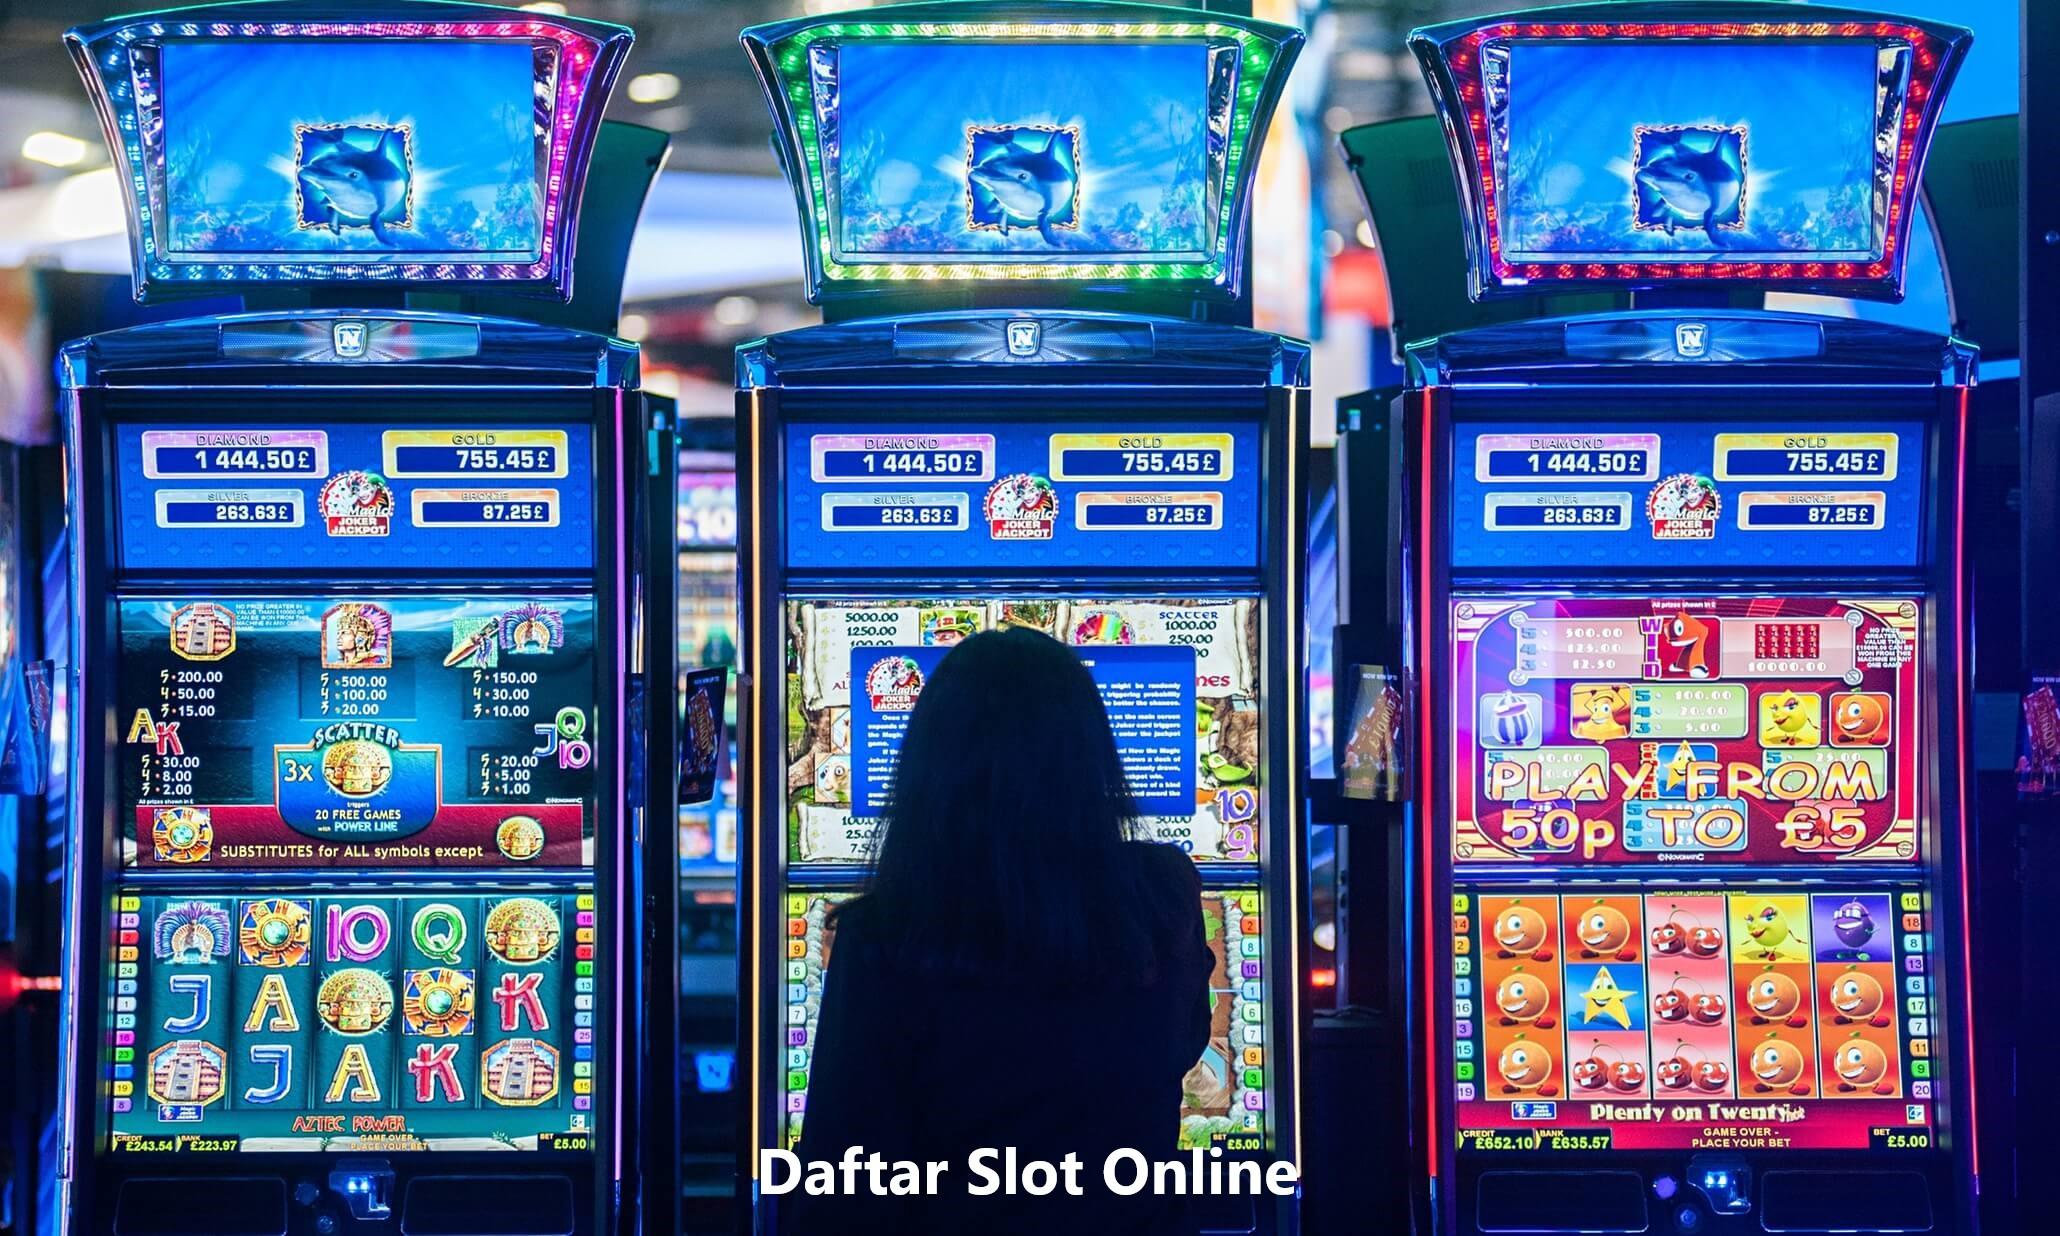 Daftar Judi Slot Online Resmi